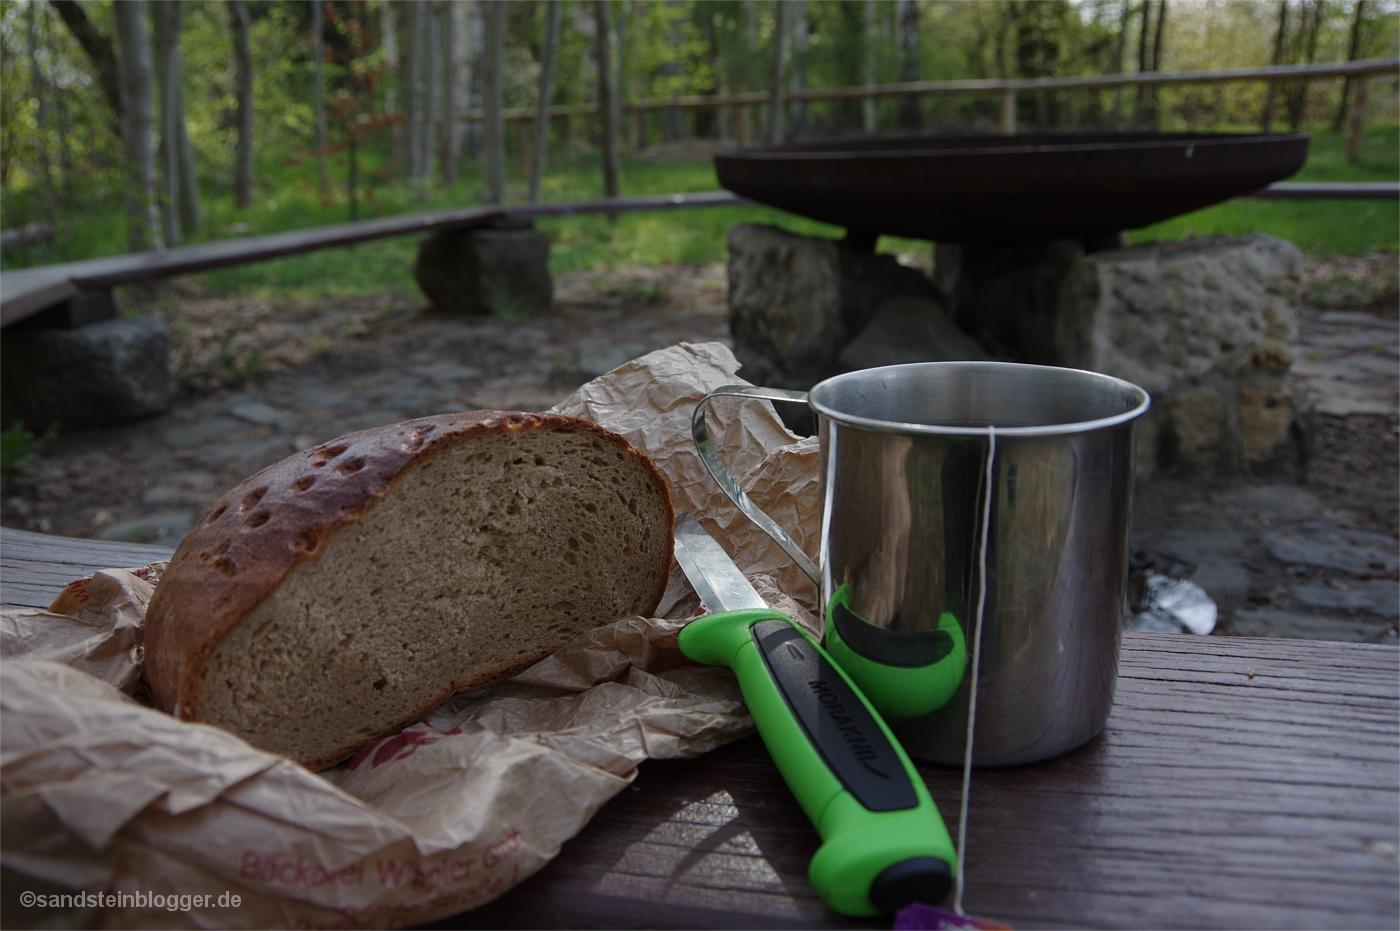 Ein Brotkanten, daneben ein Messer und eine Edelstahltasse